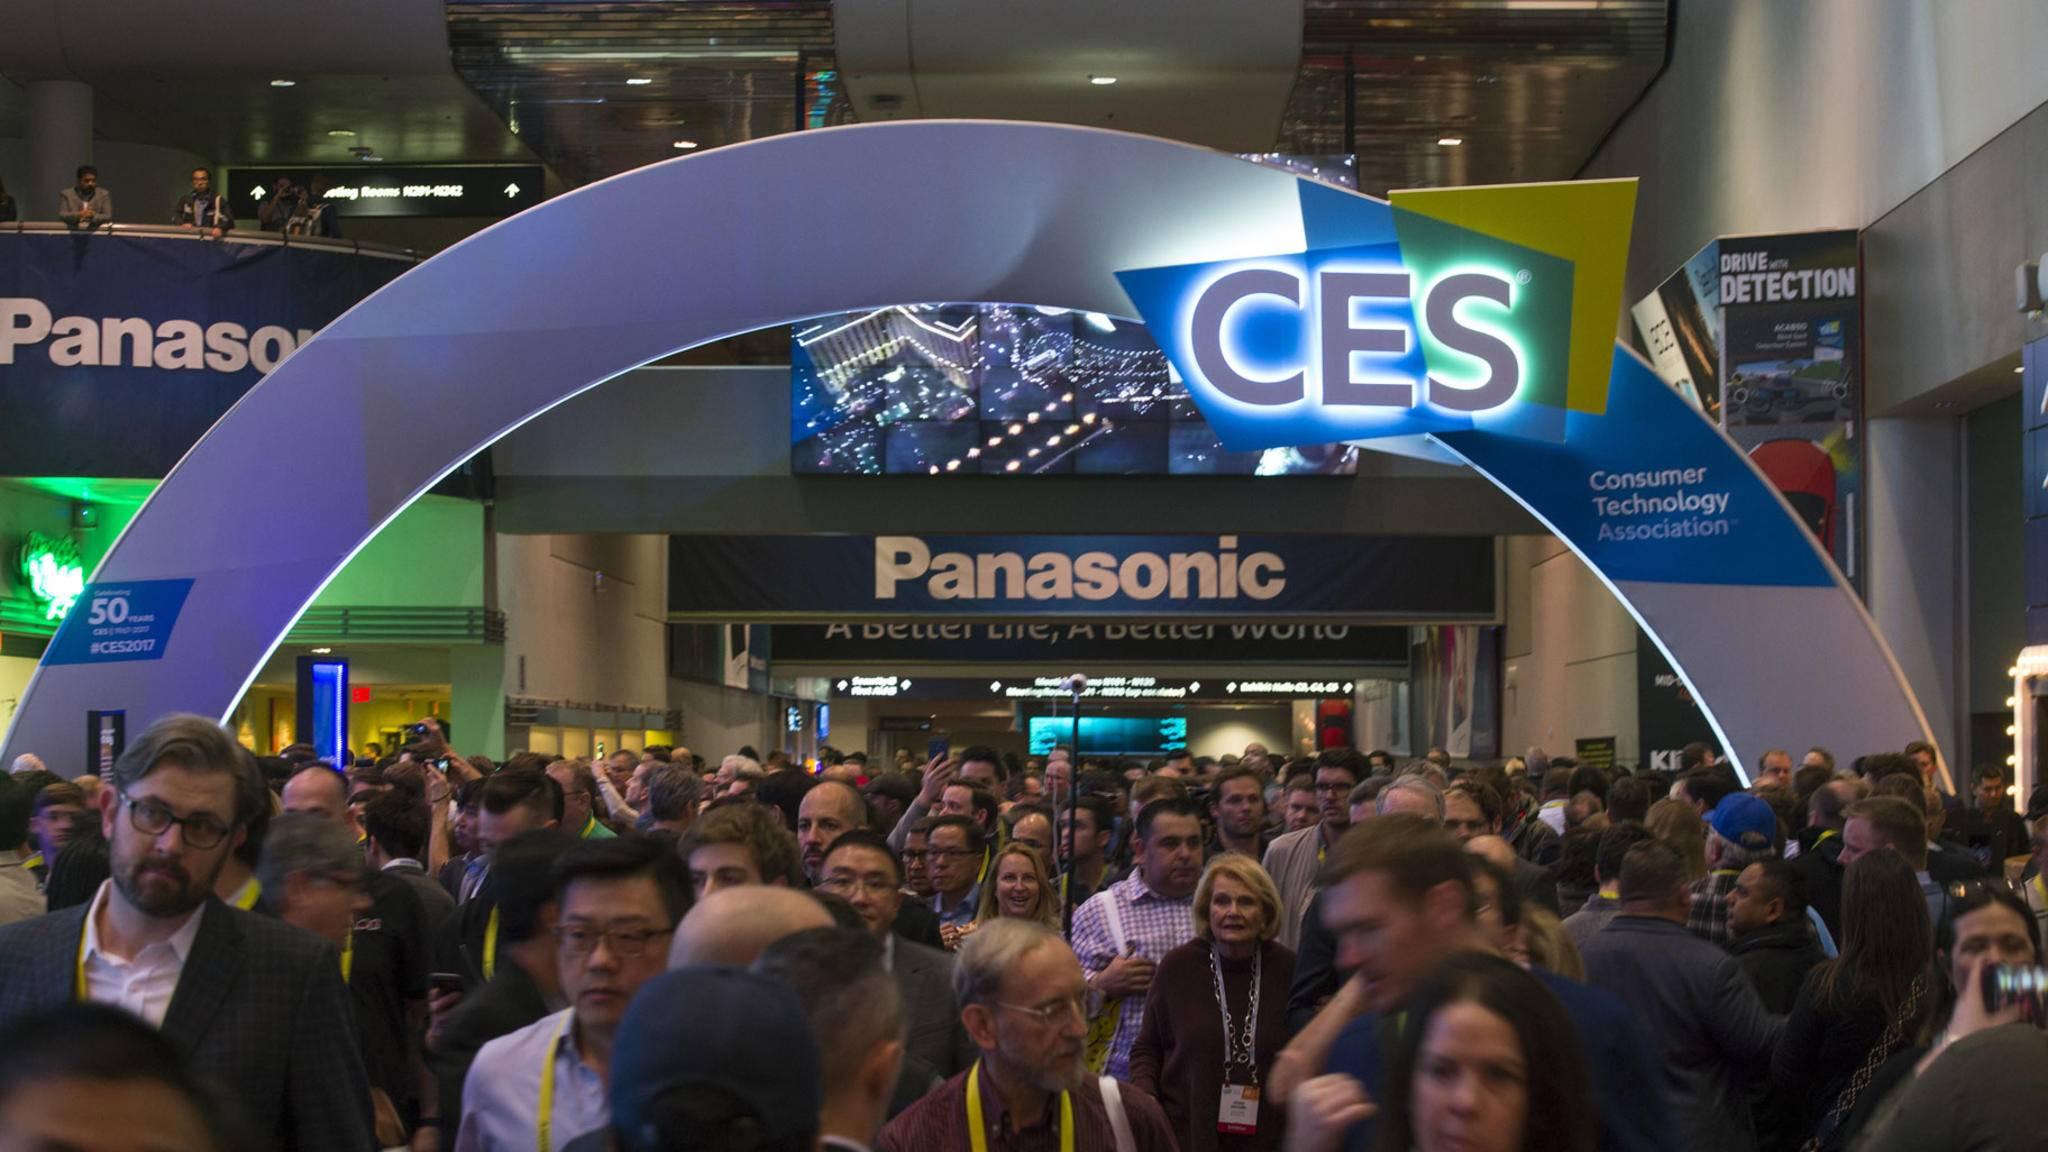 Die CES 2017 war in dieser Woche das Technik-Highlight.